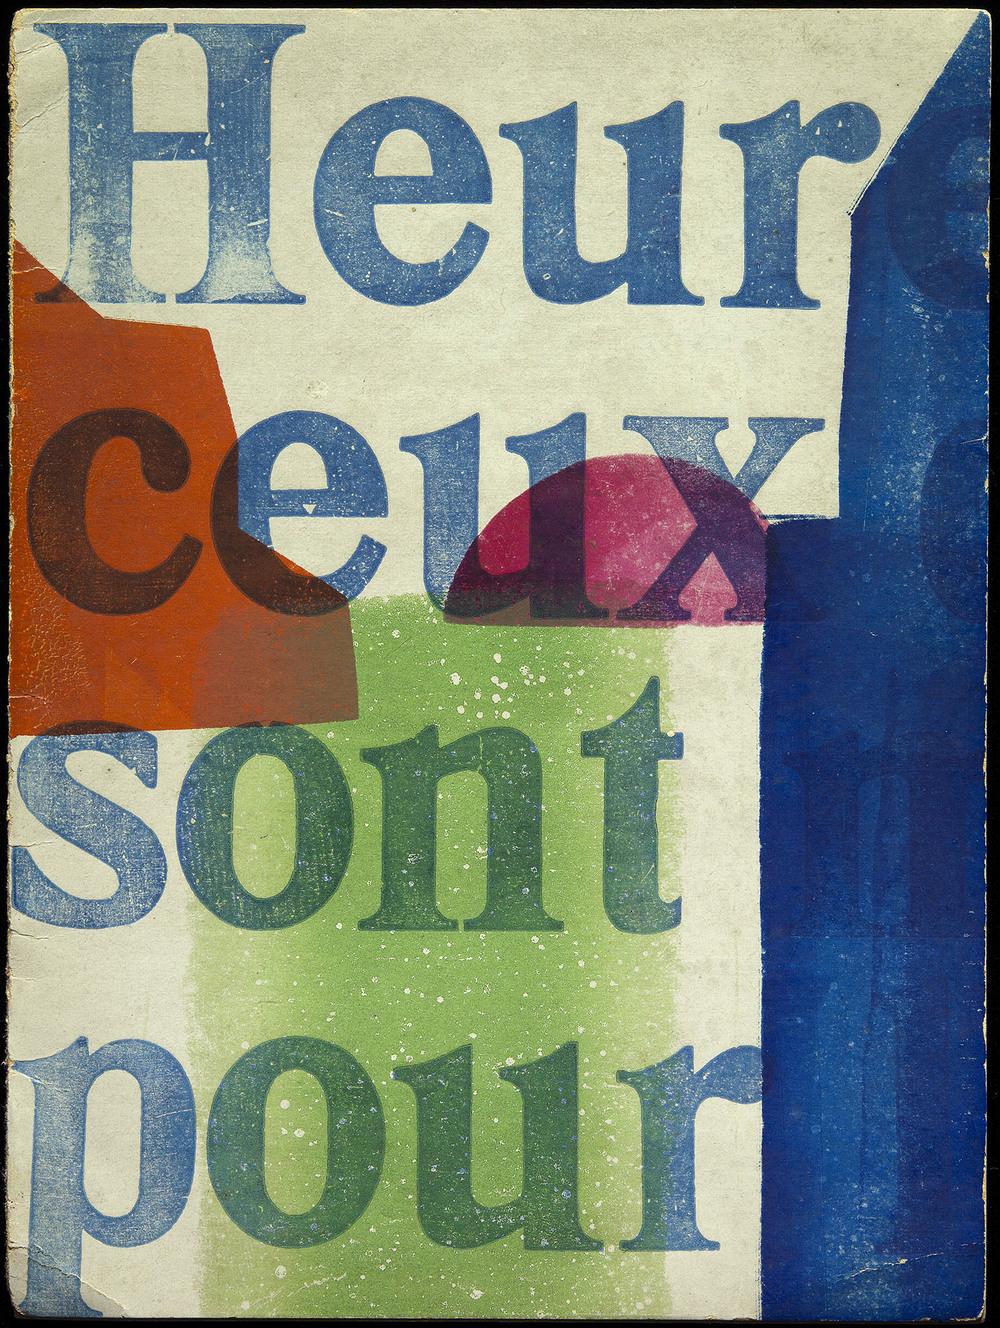 Hendrik Nicolaas Werkman,  Priere pour nous autres charnels  by Charles Peguy, De Blauwe Schuit, Heereveen, 1941, 15 x 20 cm